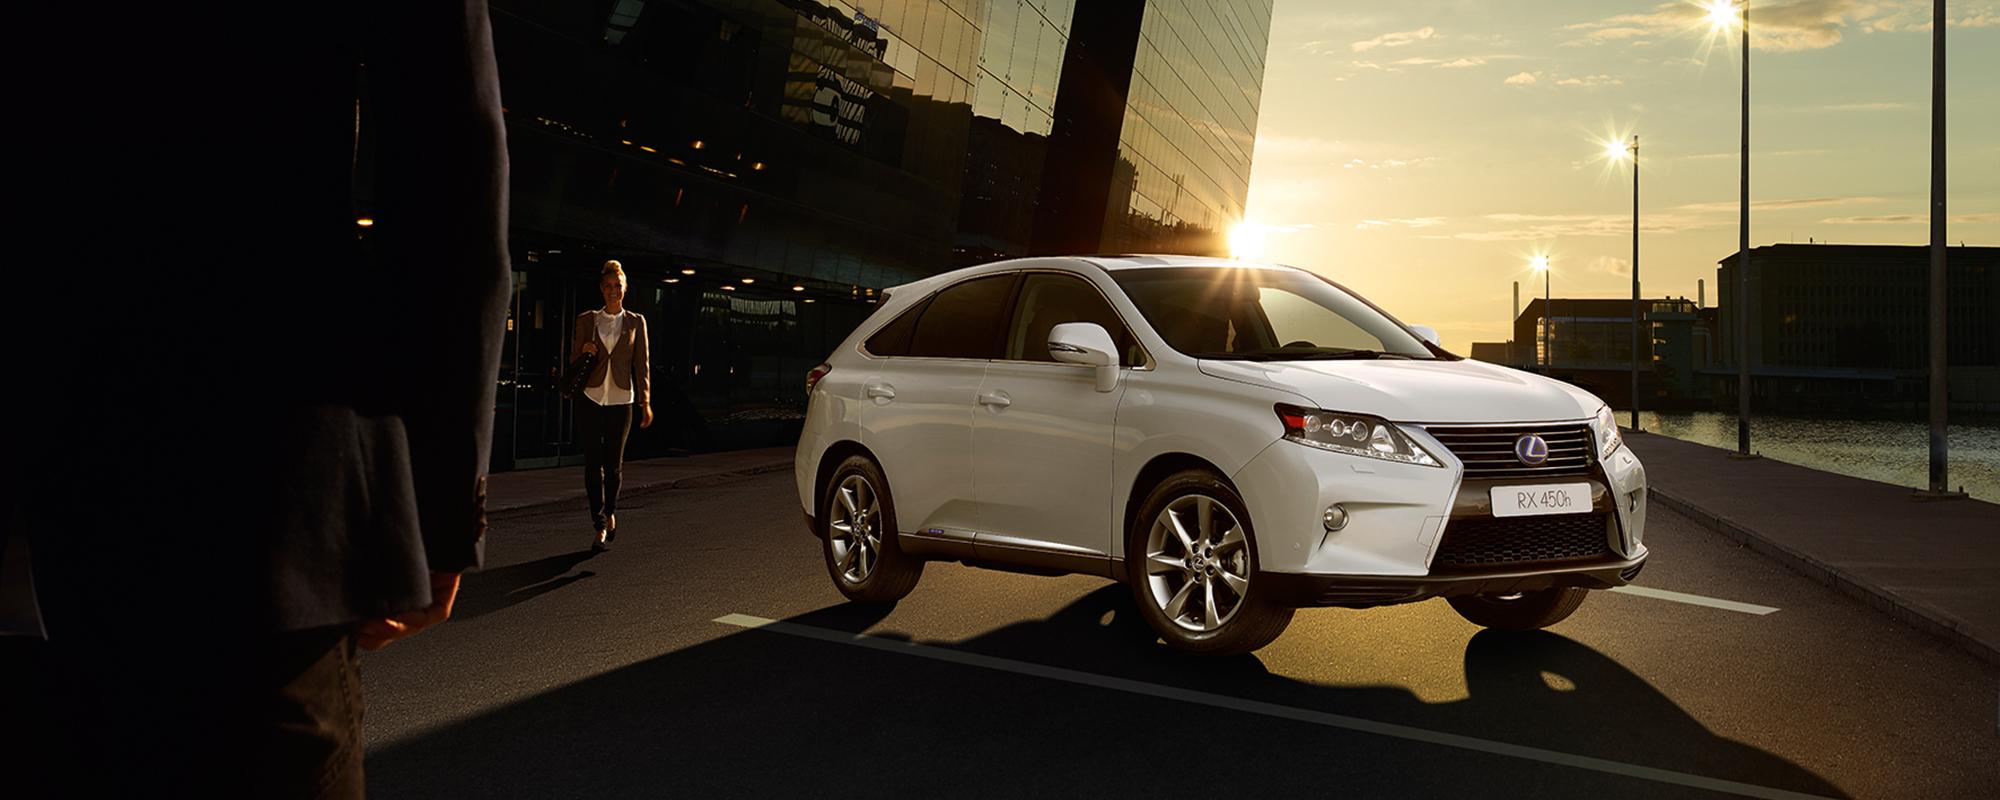 Lexus presenteert de RX 450h Special Edition